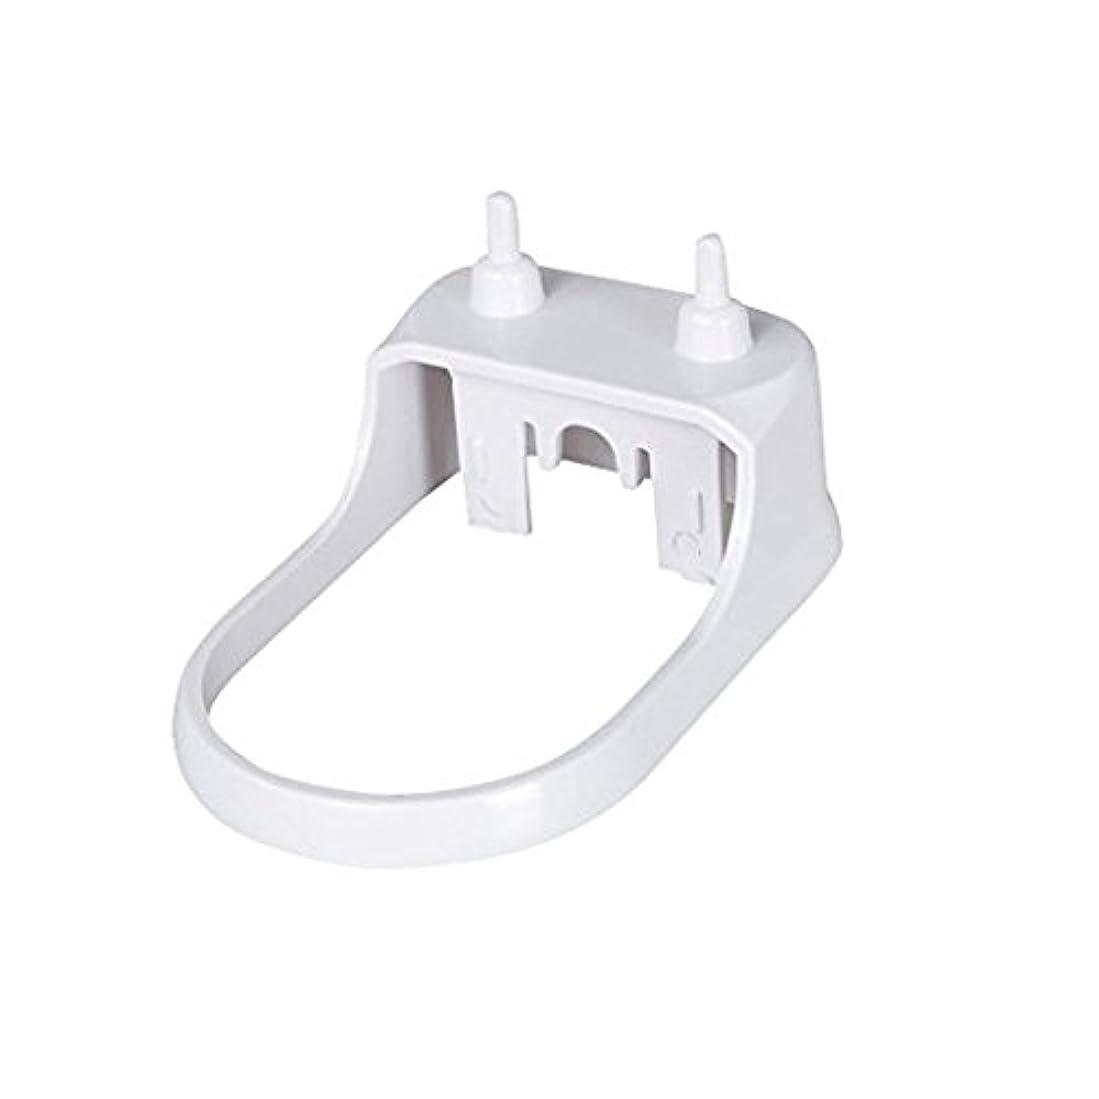 ハードプラスチックスタンド for Philips sonicare 電動歯ブラシ専用 携帯用小型充電器 フィリップス ソニッケアー音波電動歯ブラシ 充電器 by Kadior (ホワイト)